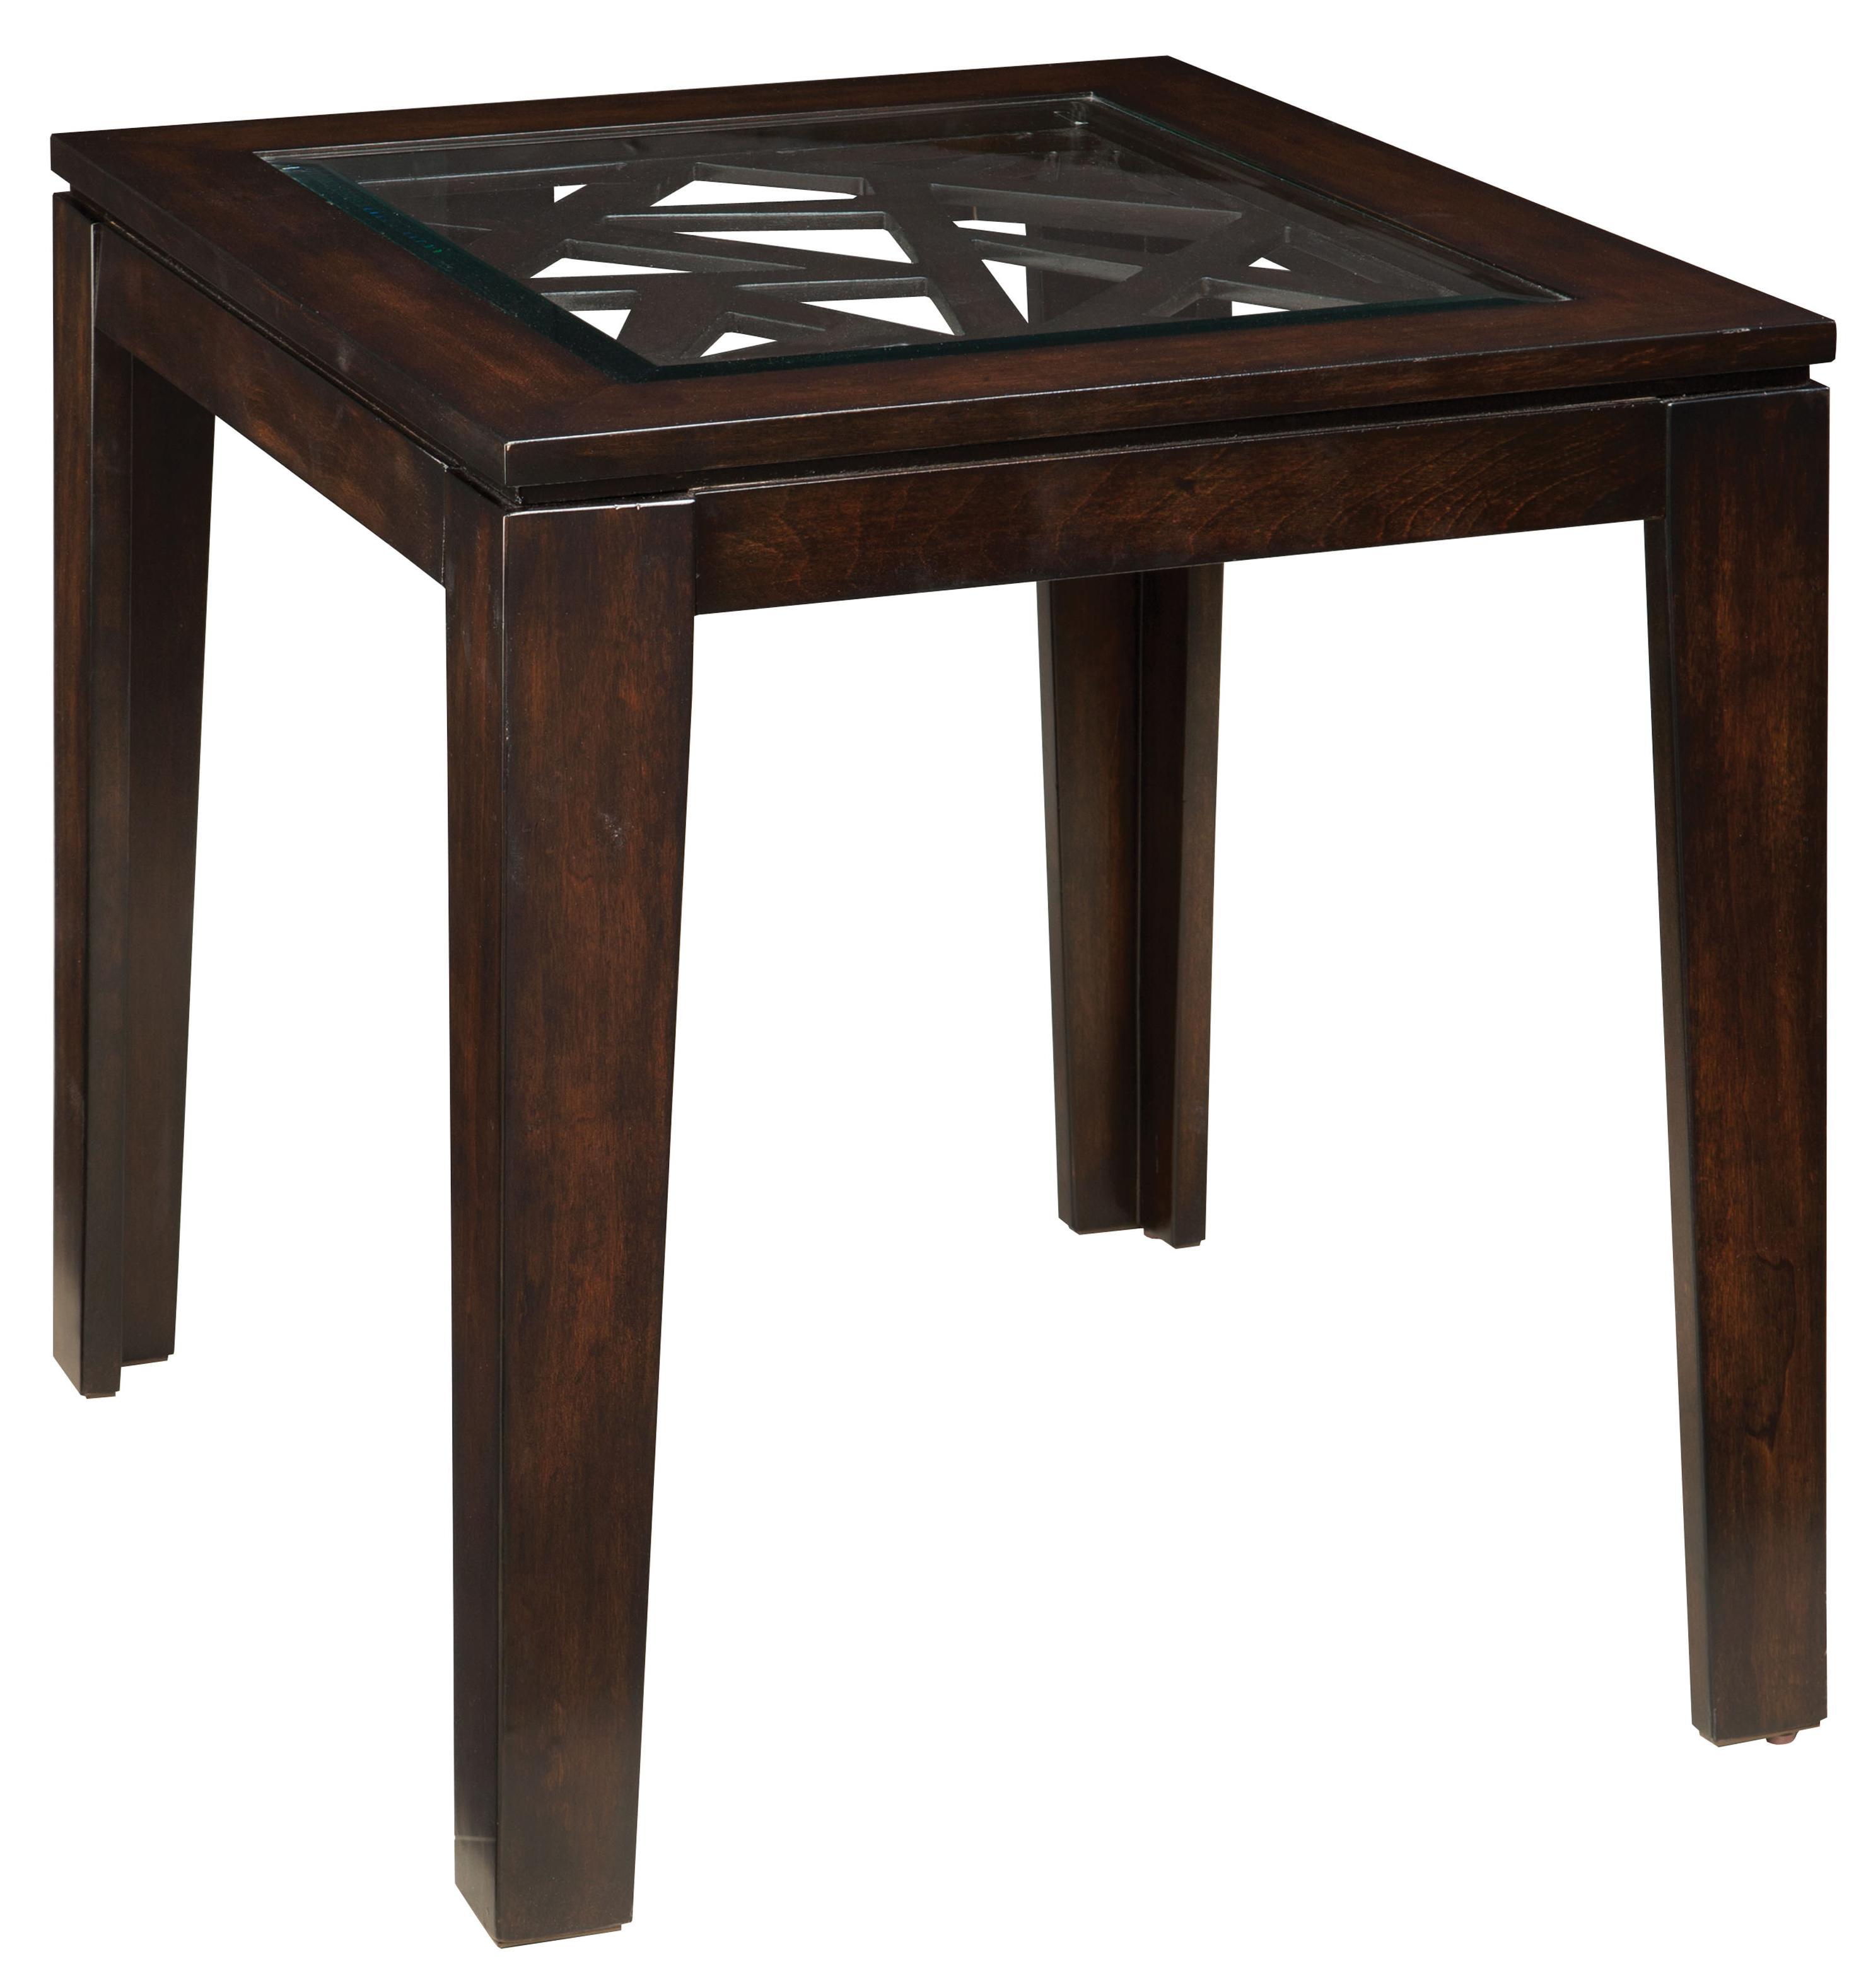 Standard Furniture Crackle End Table - Item Number: 21572